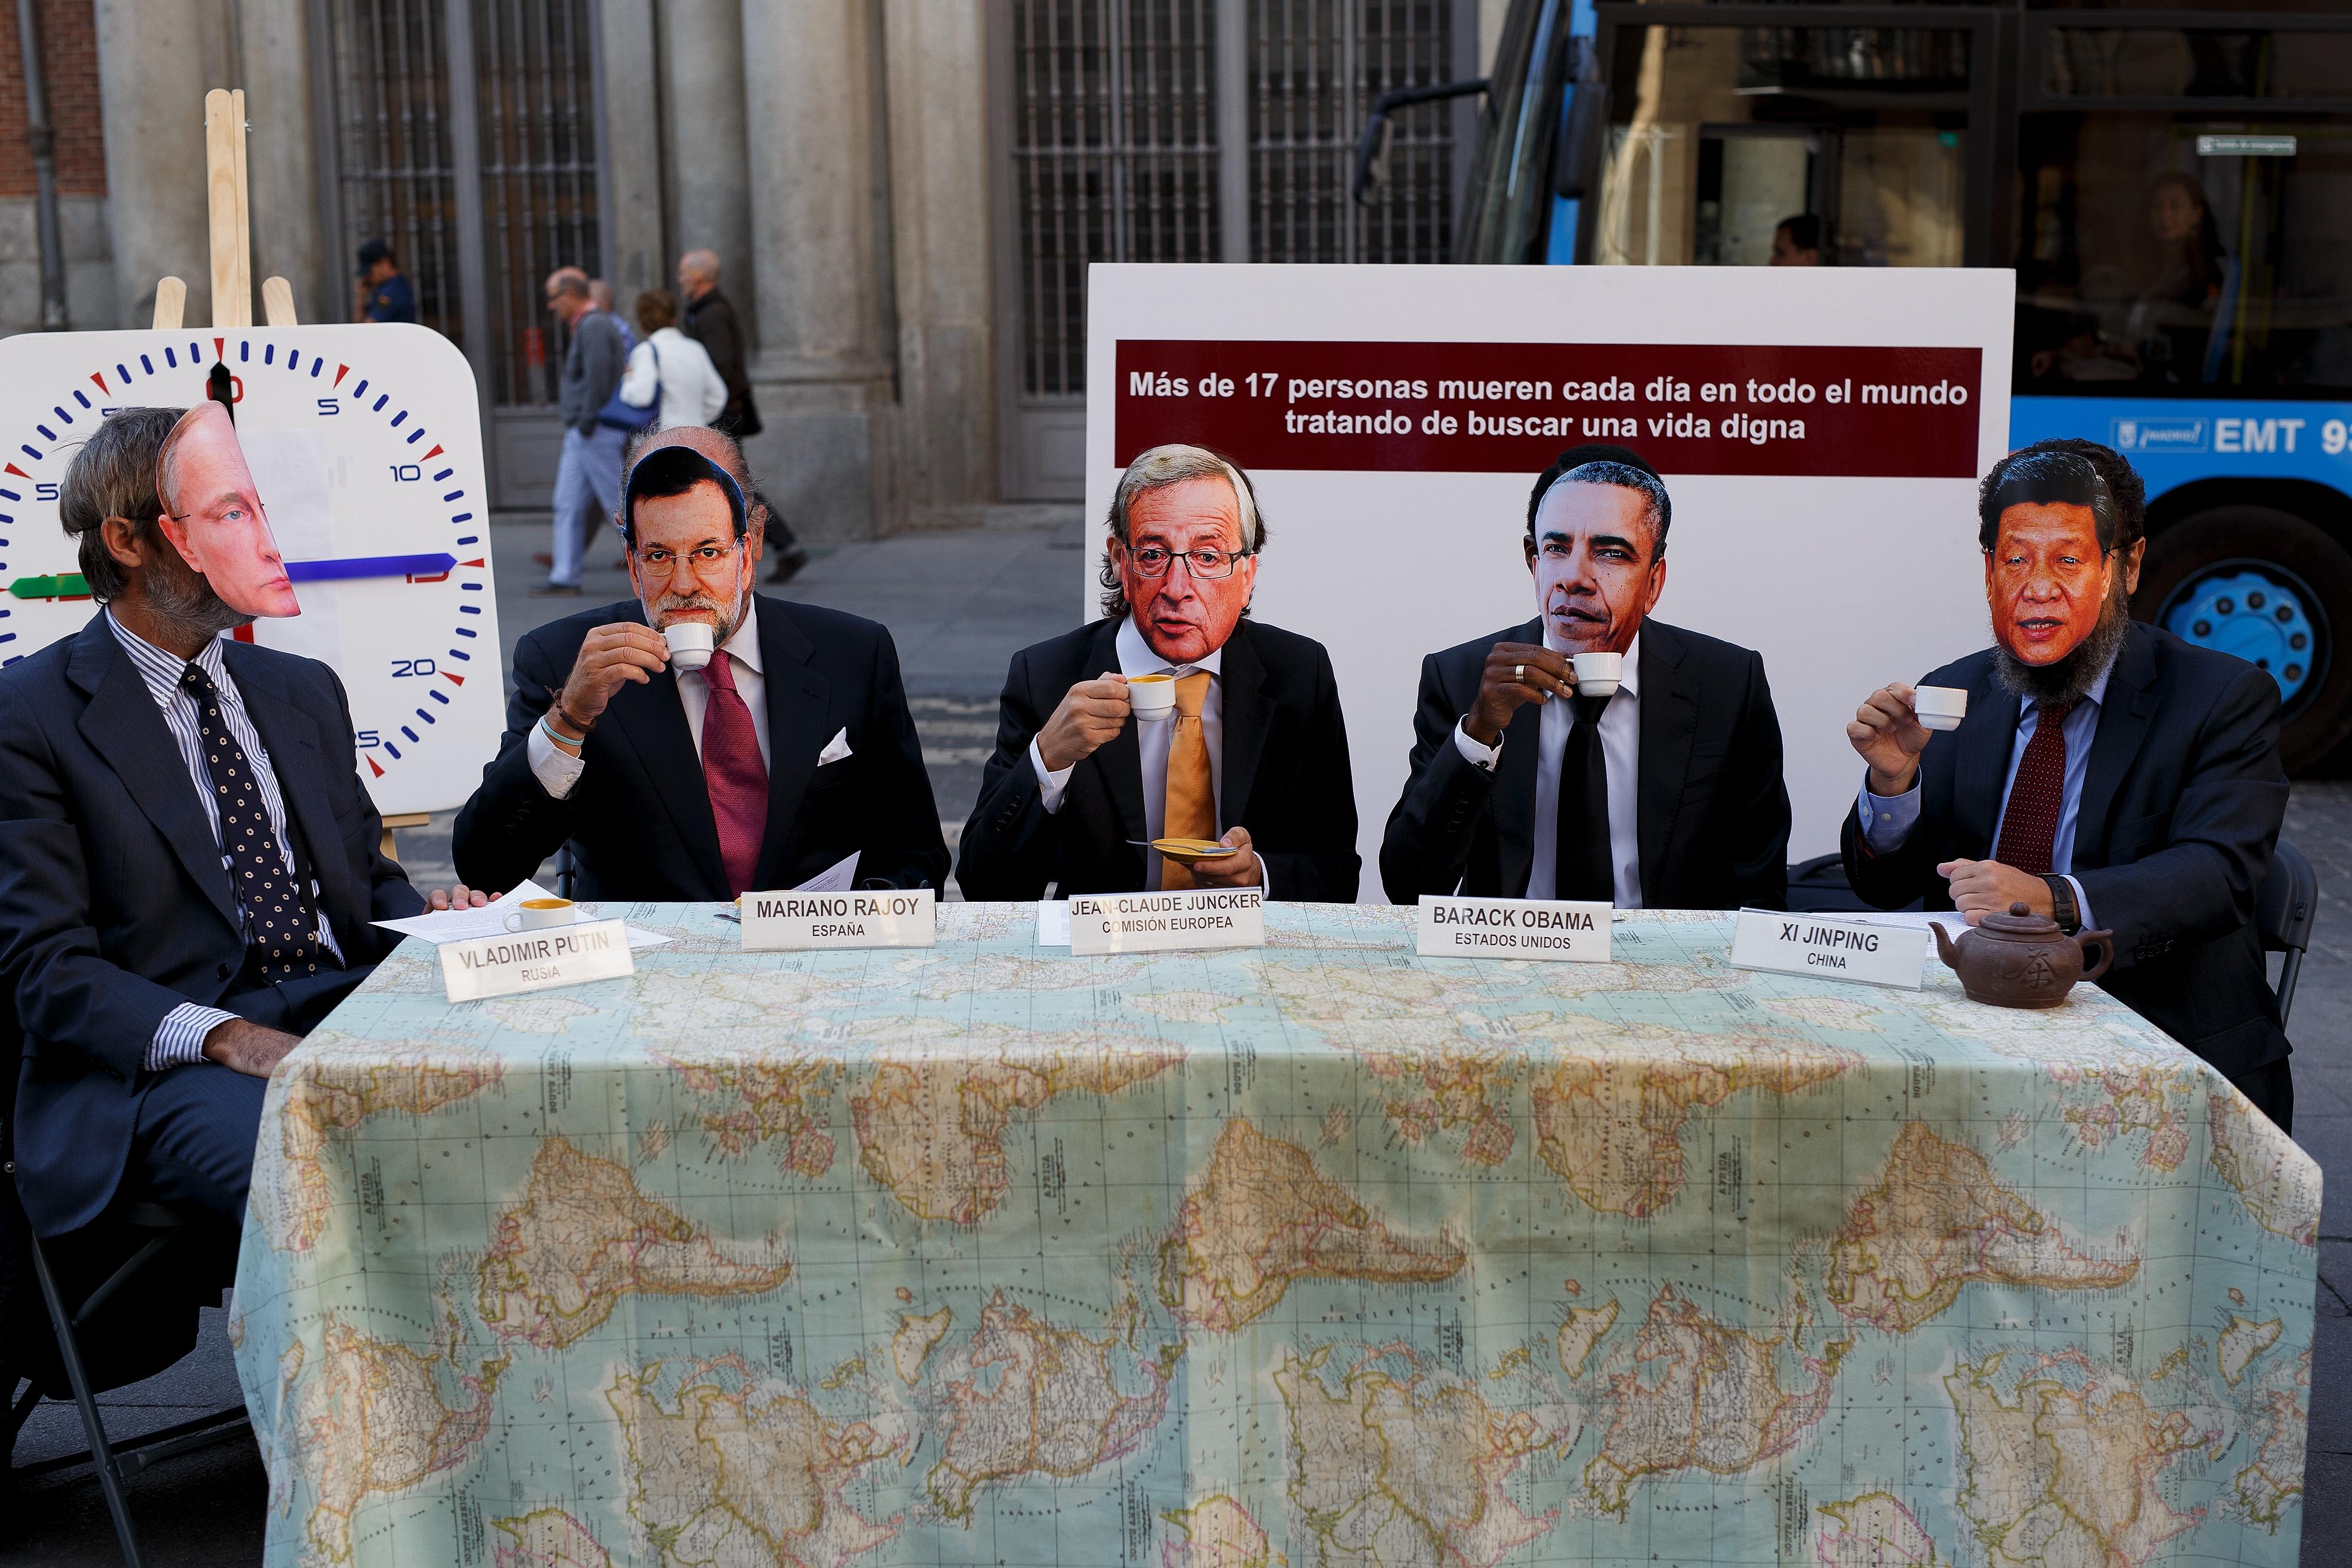 Acto 16s   Su Tiempo Se Acaba   Fotos De Pablo Blazquez 11 - MdM España